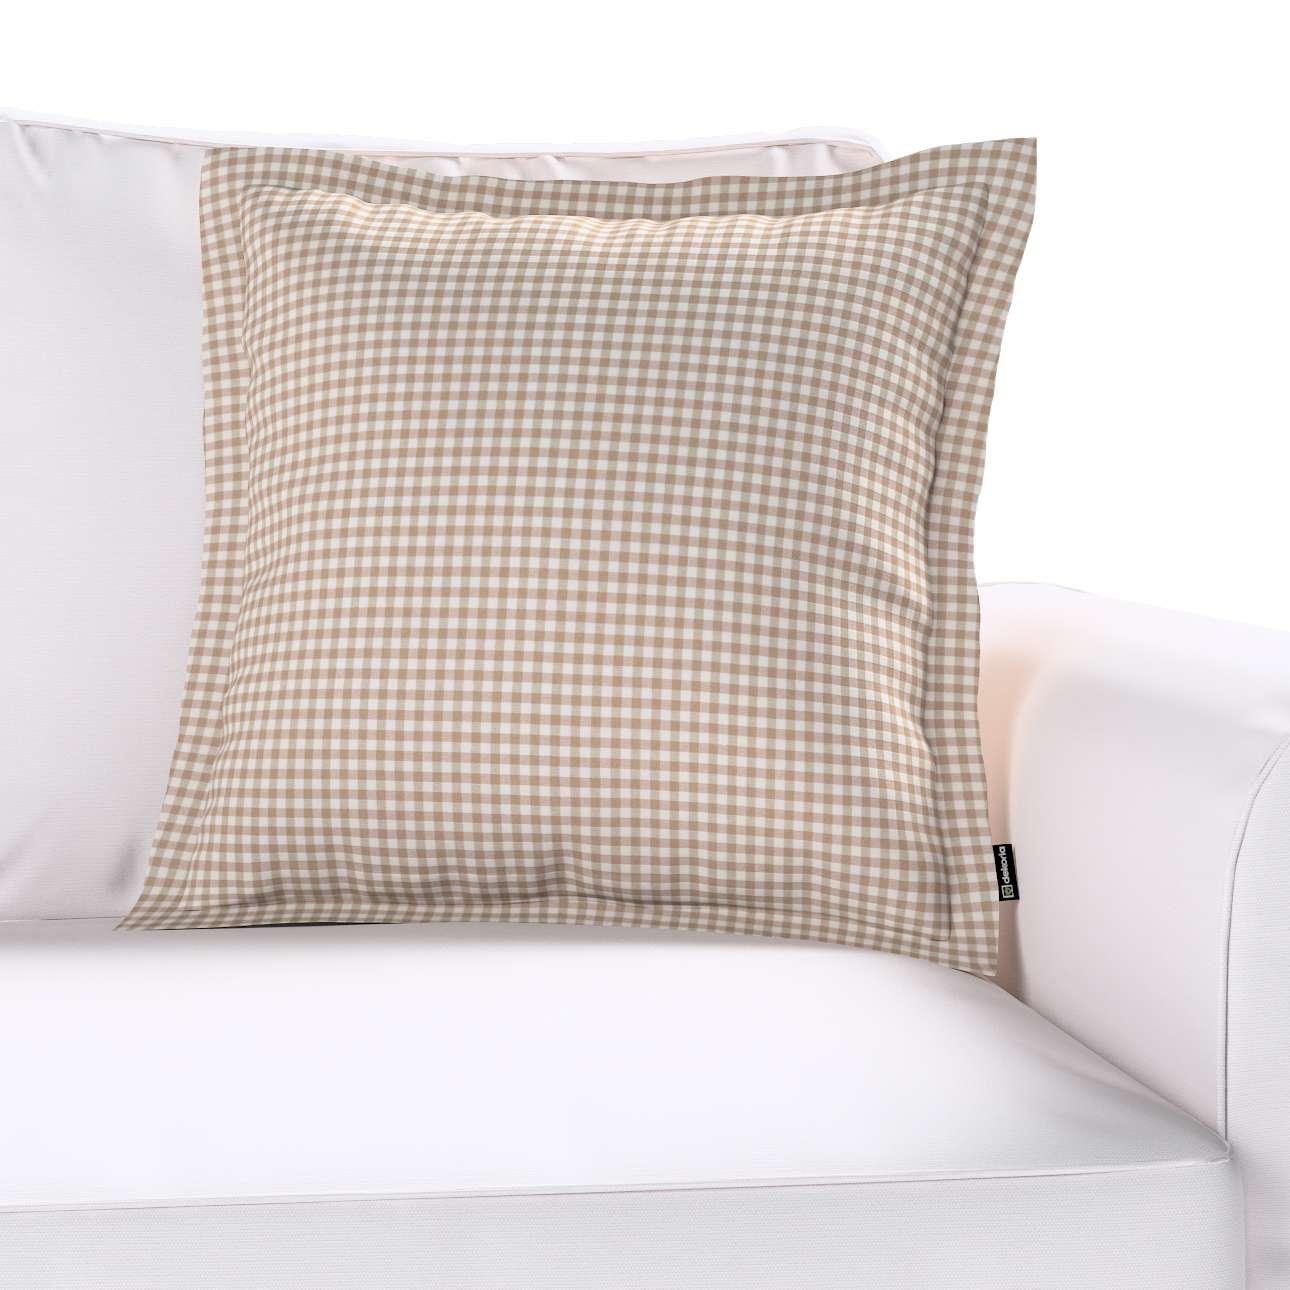 Poszewka Mona na poduszkę w kolekcji Quadro, tkanina: 136-05